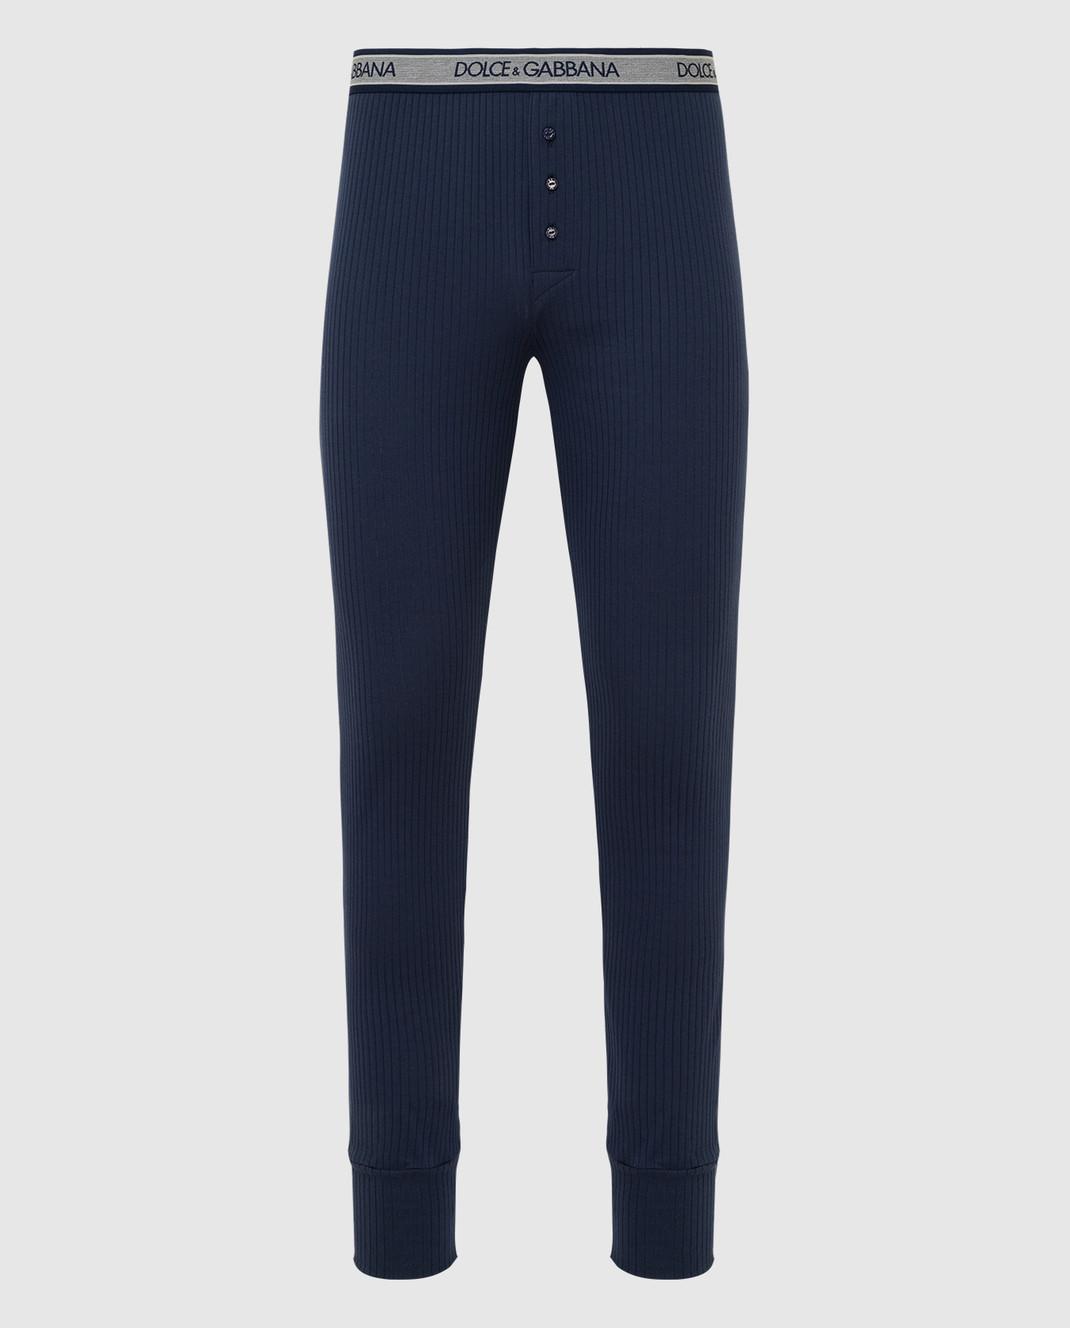 Dolce&Gabbana Темно-синие кальсоны N6A30JFU7F4